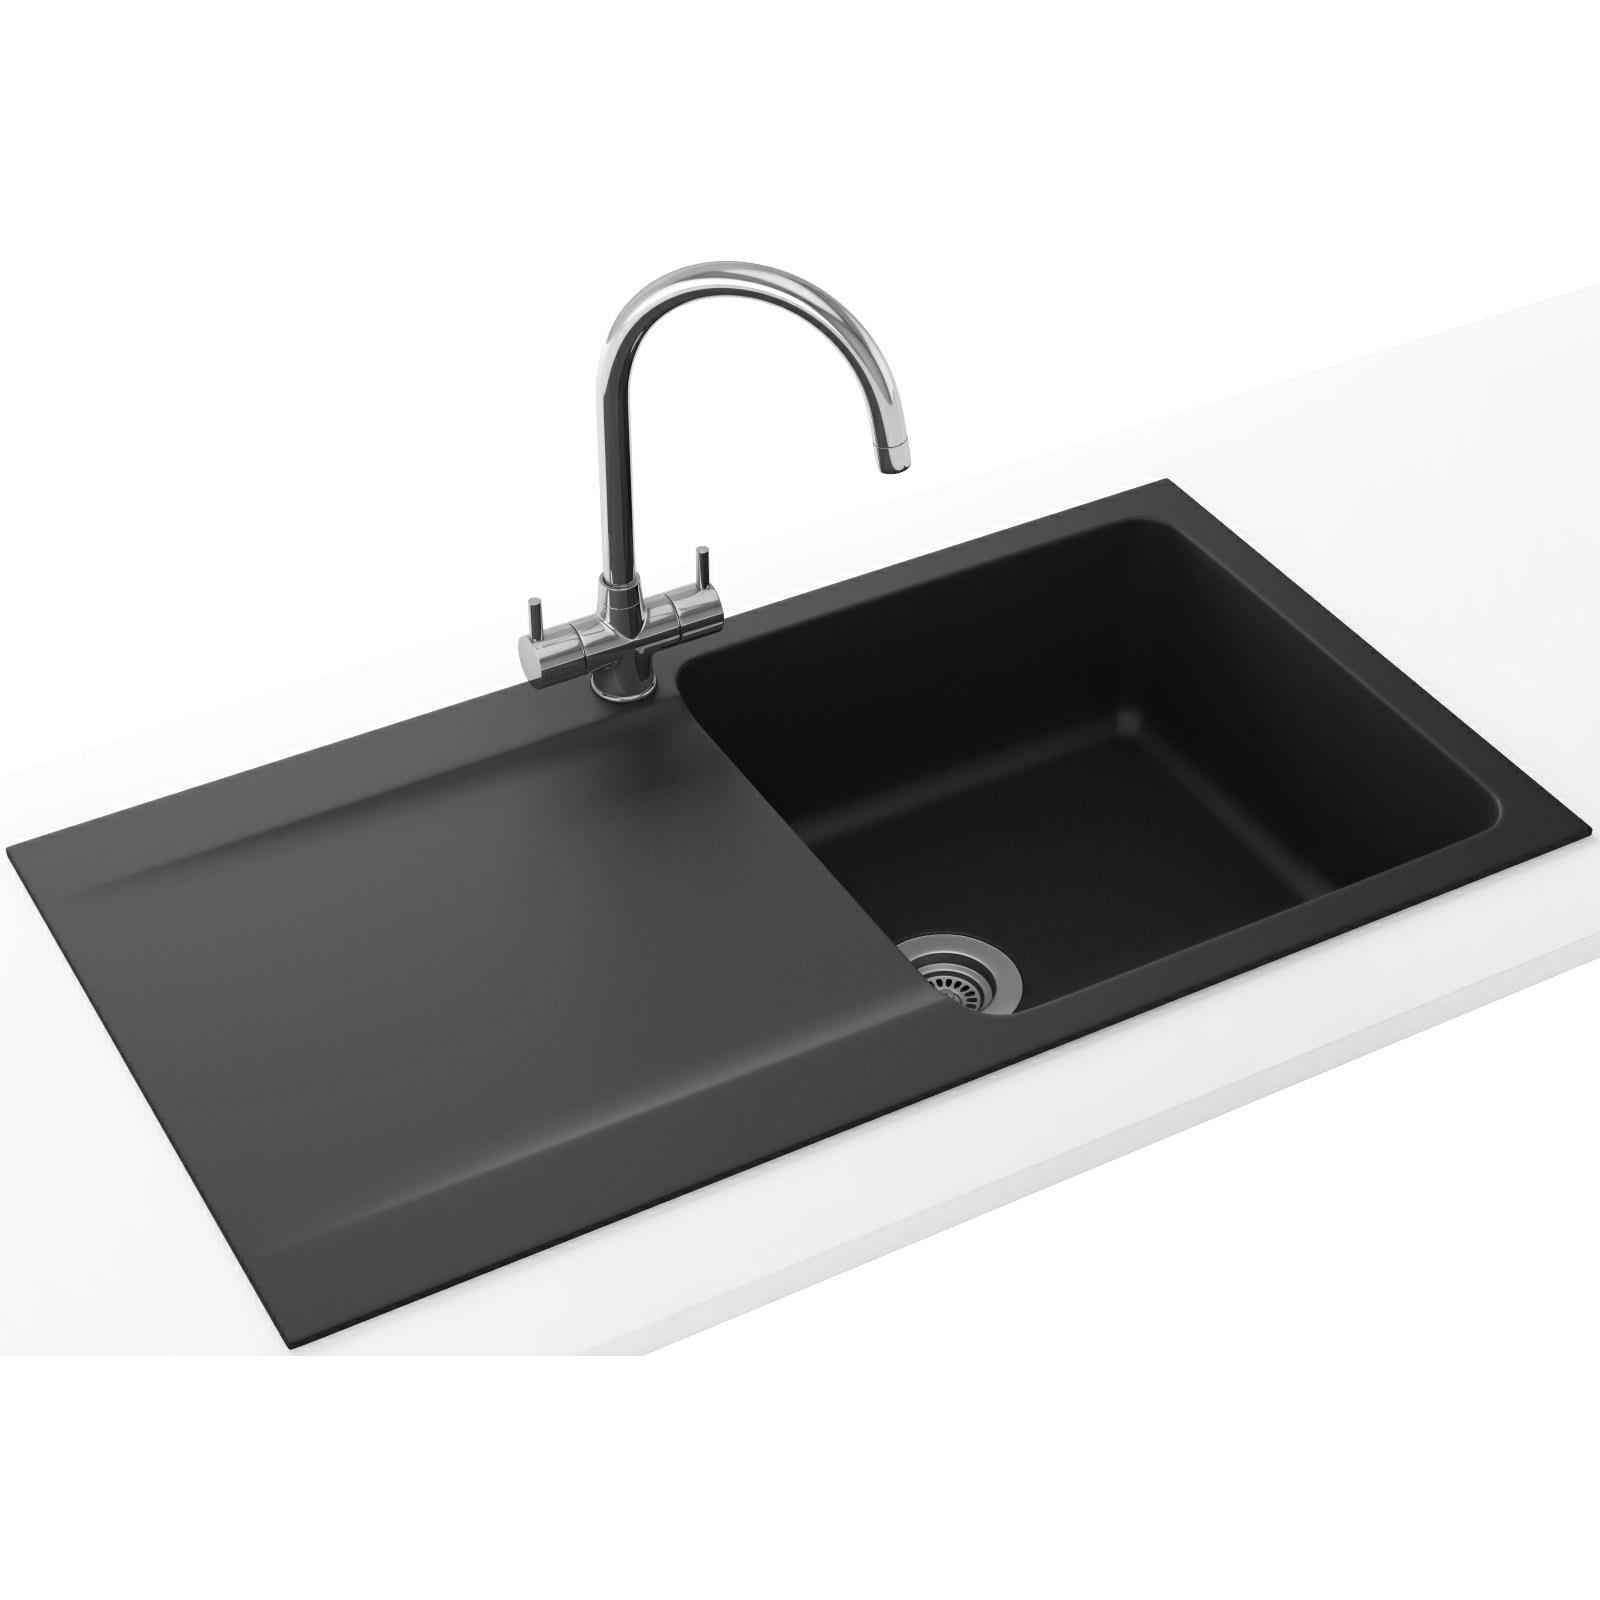 Franke Black Sink : Franke Orion Propack OID 611-94 Tectonite Carbon Black Kitchen Sink ...